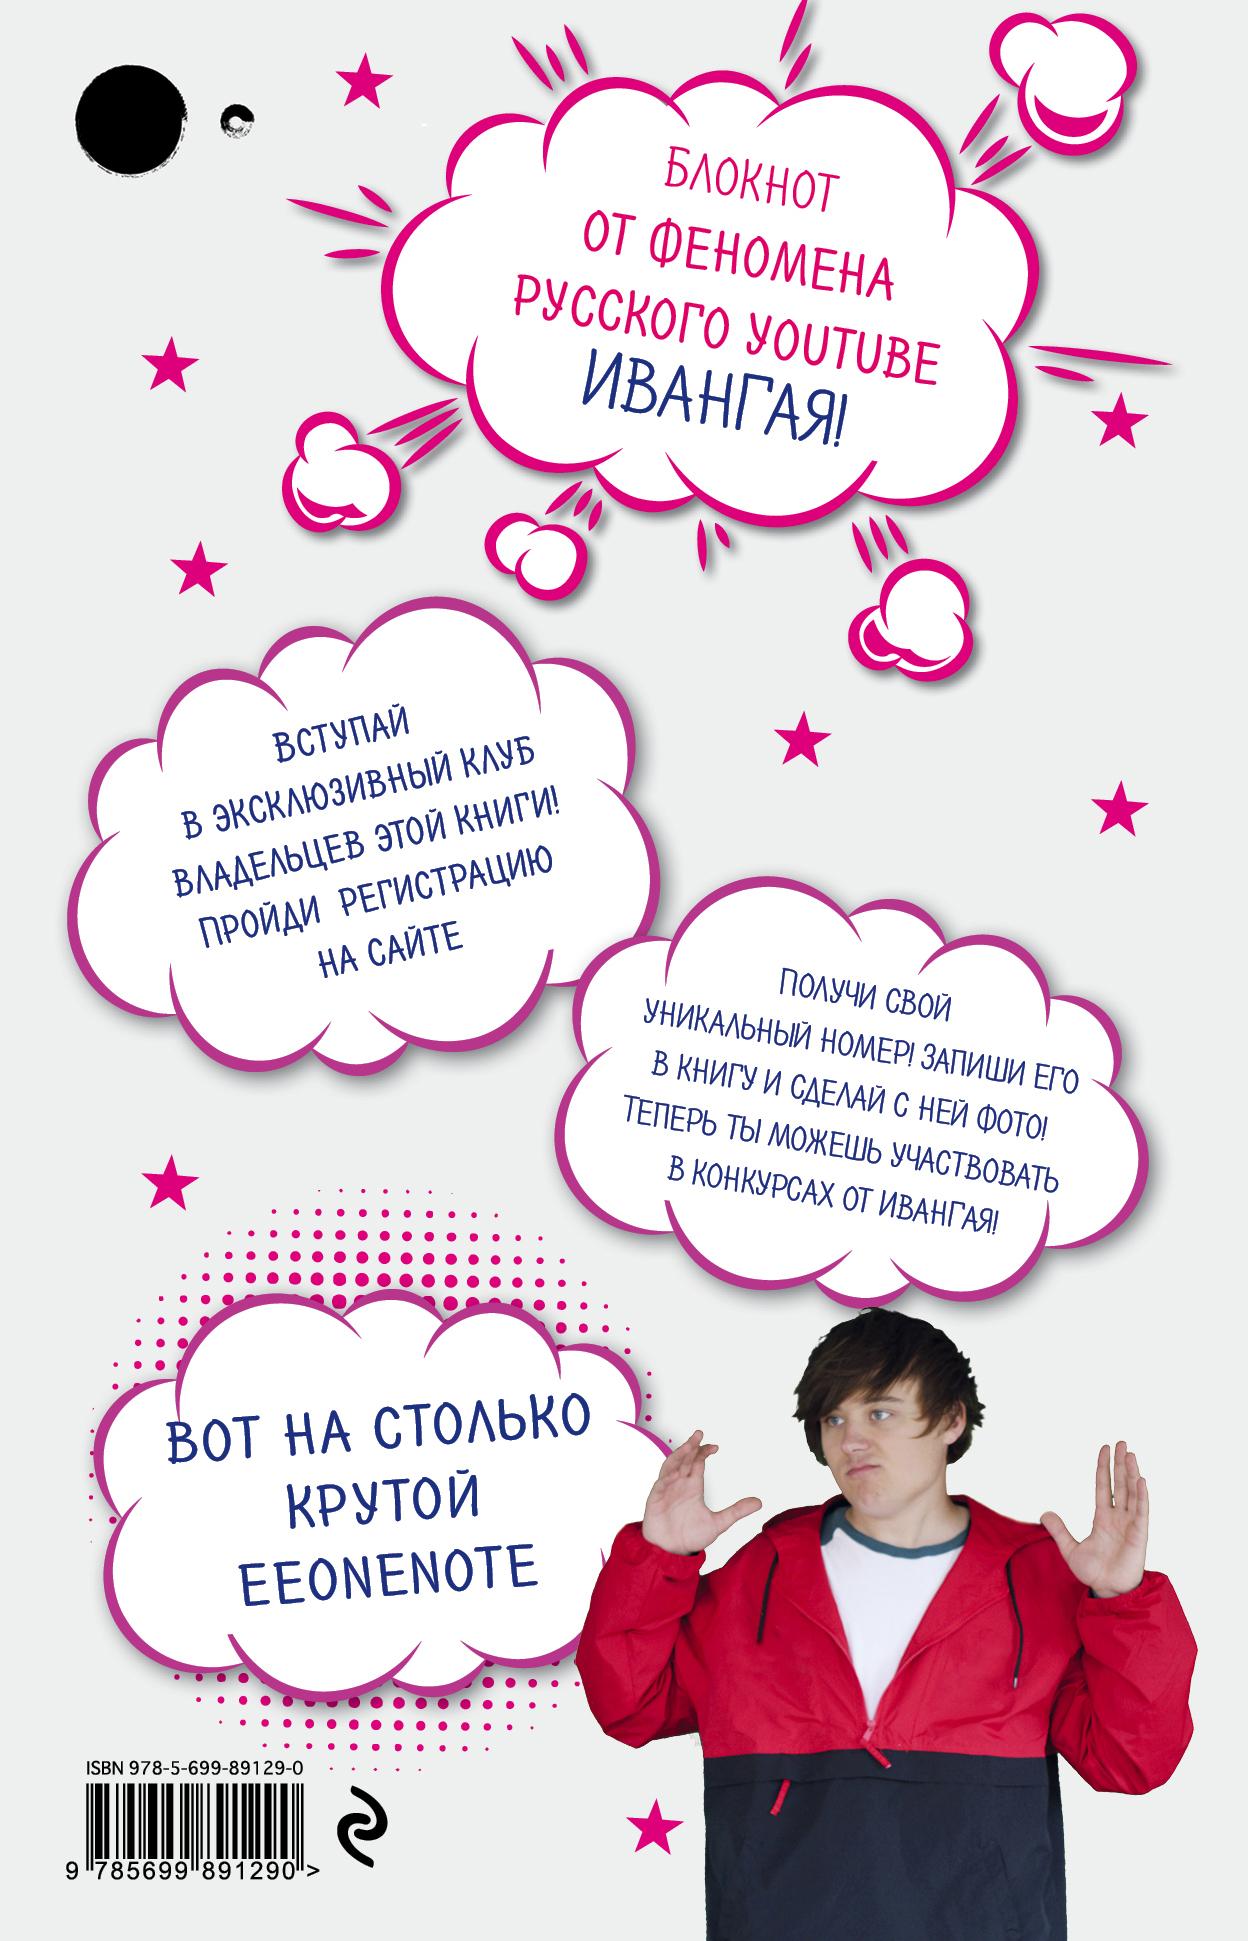 Хаю-хай, с вами ИванГай. Блокнот от Ивана Рудского